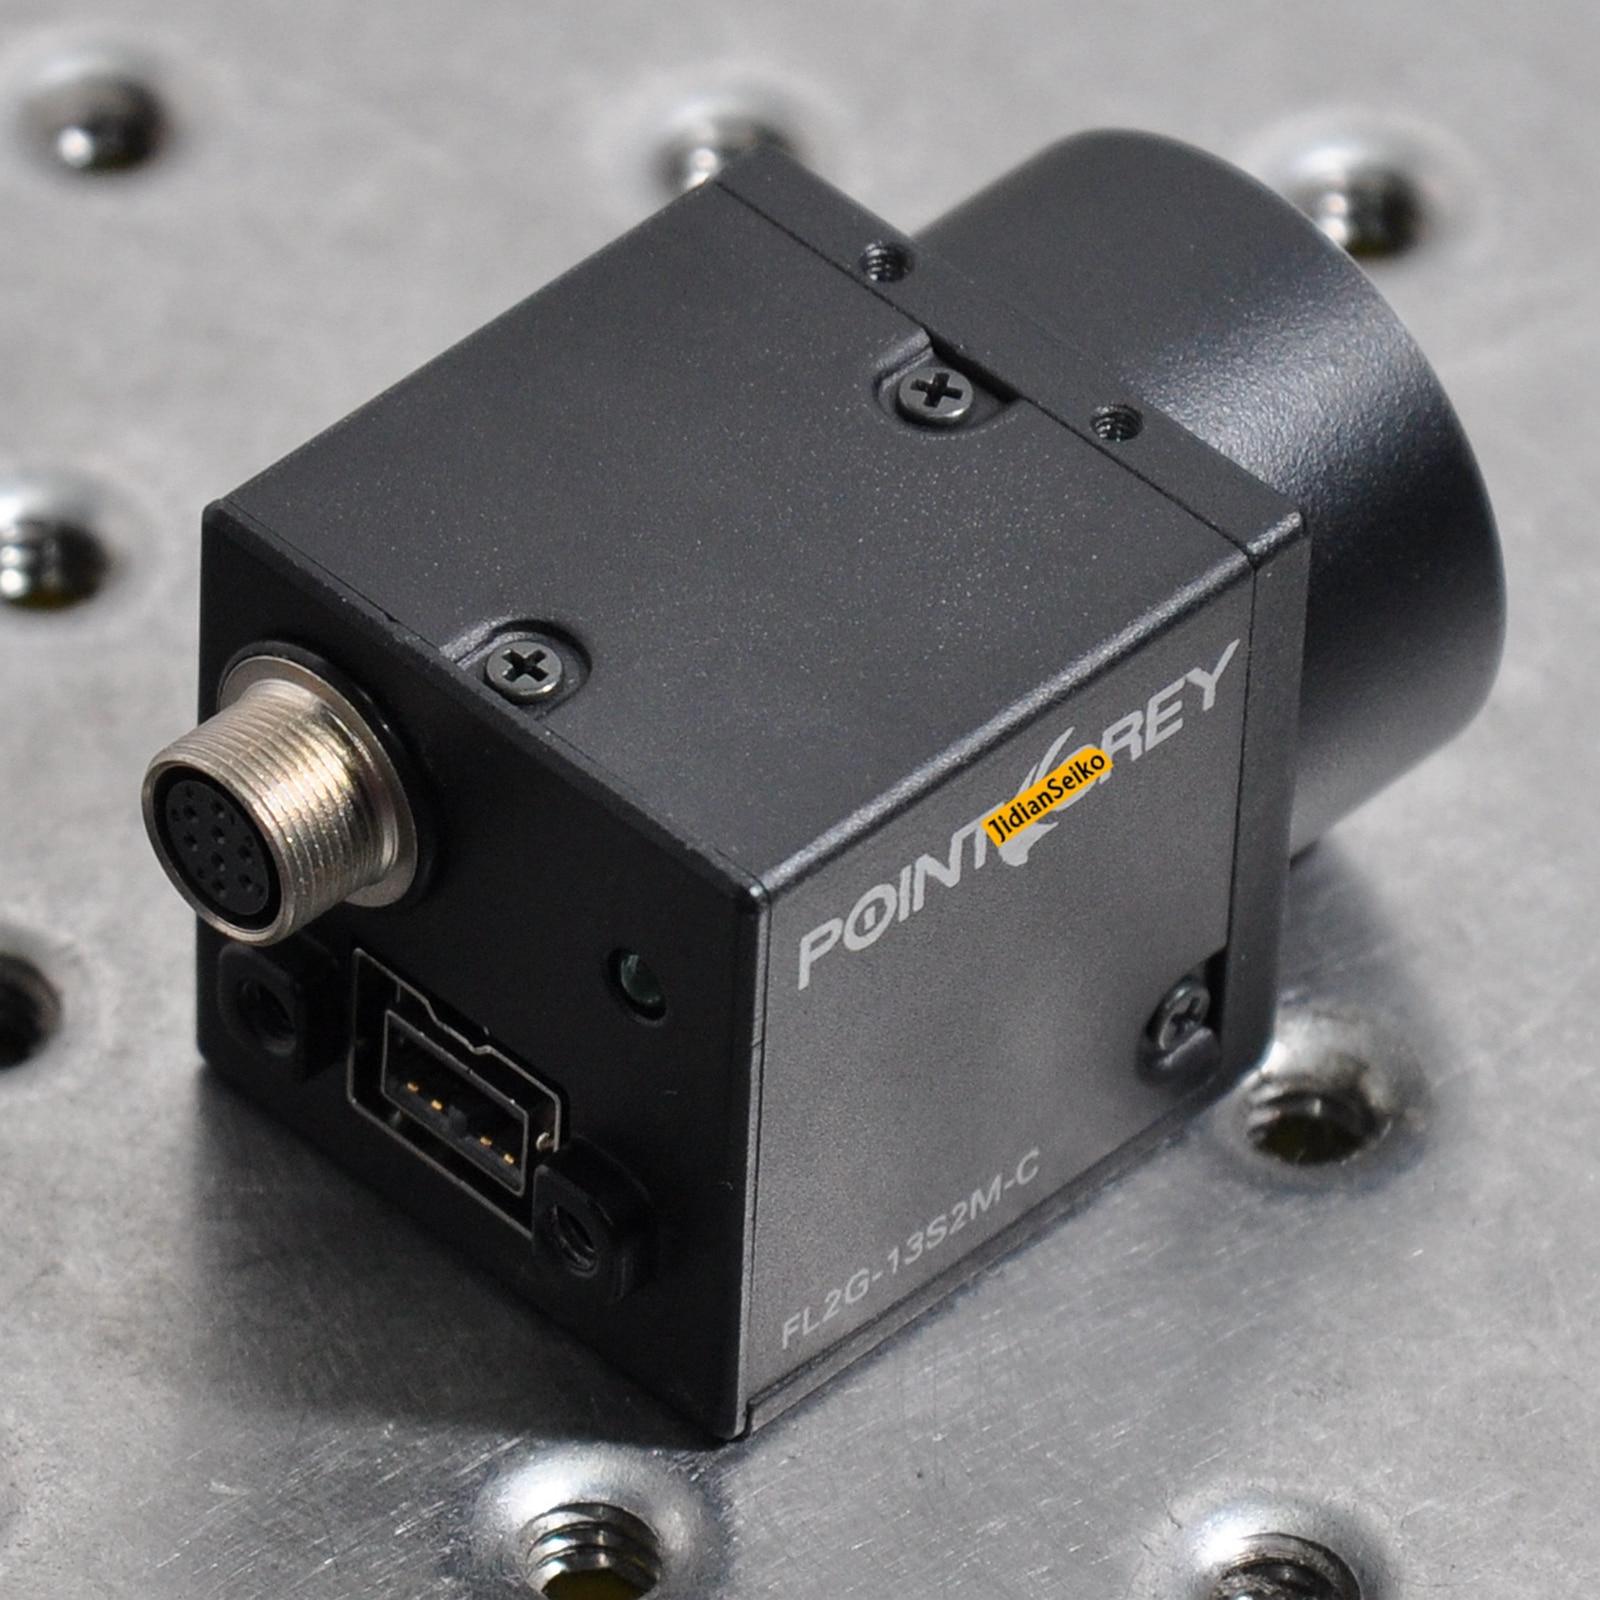 Canada FL2G-13S2M-C Industrial camera CCD camera